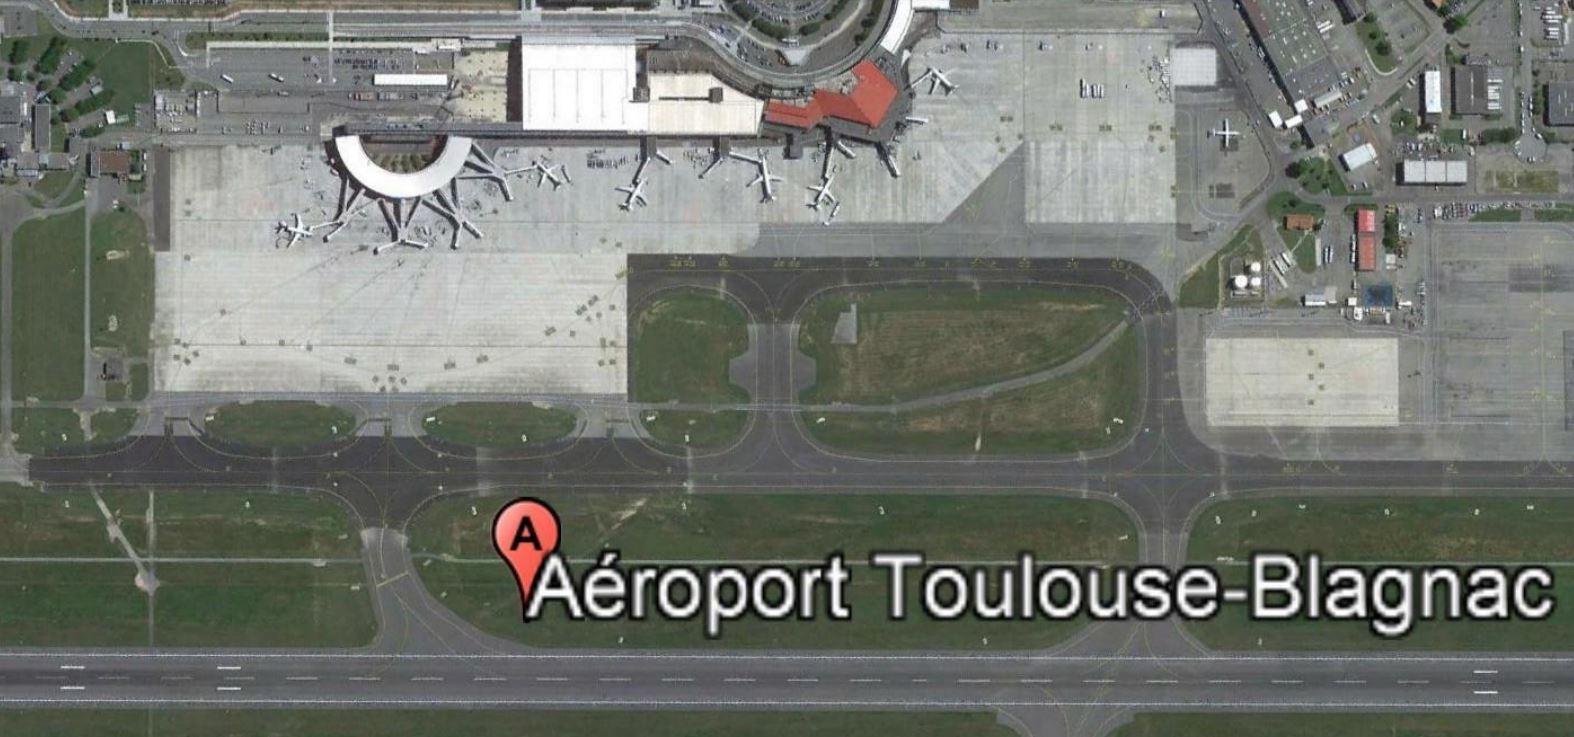 [Résolu] Capture d'écran supérieure à l'image de l'écran de Google Earth - Page 2 Cap_to11